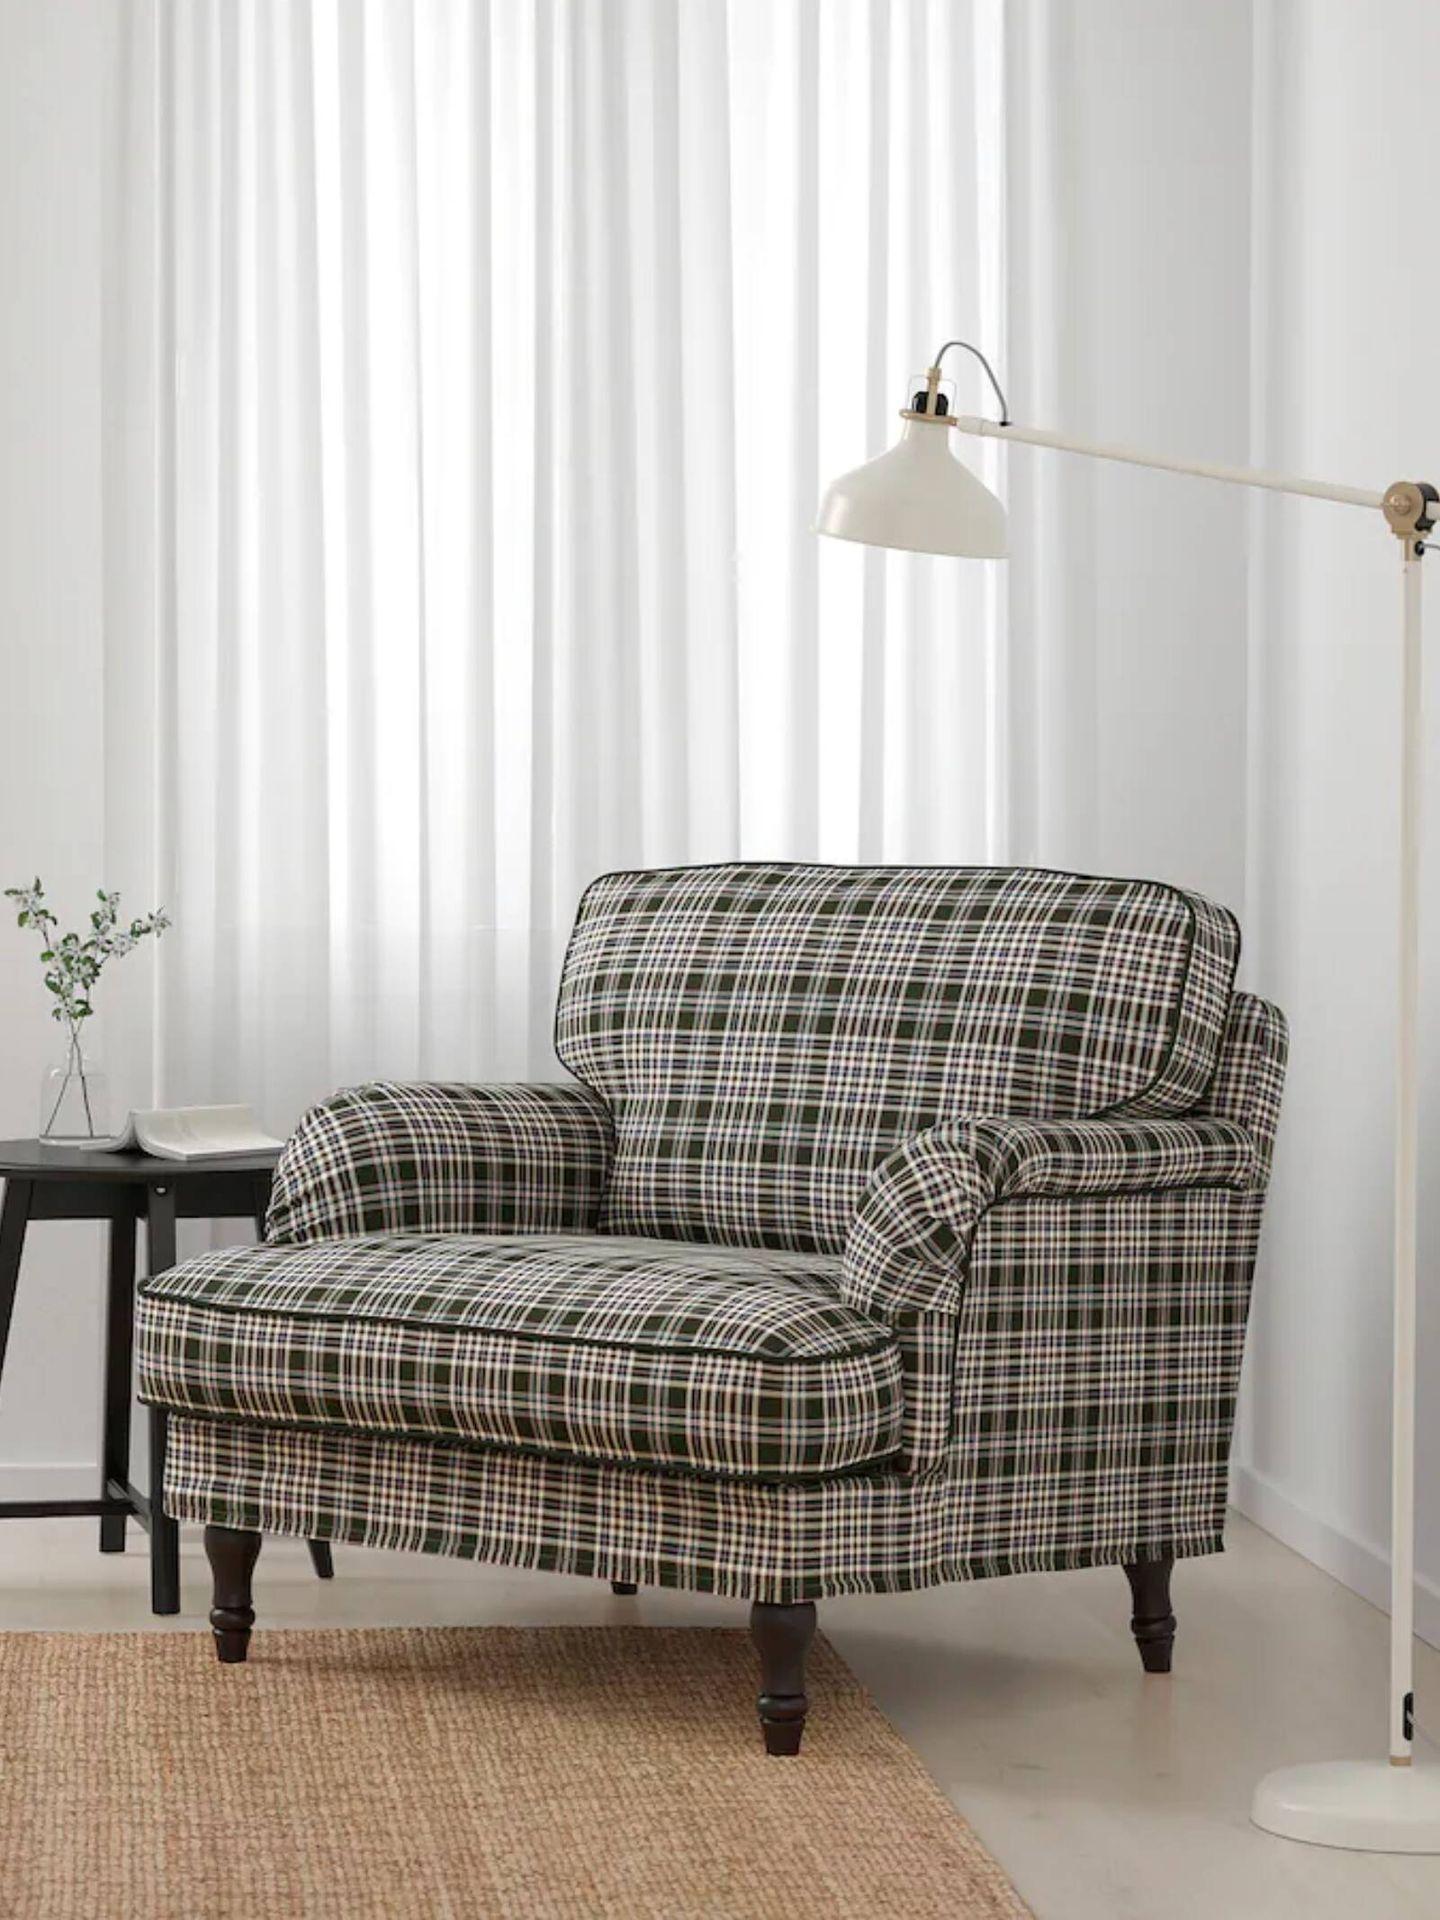 Los cuadros son tendencia también en los complementos de Ikea. (Cortesía)